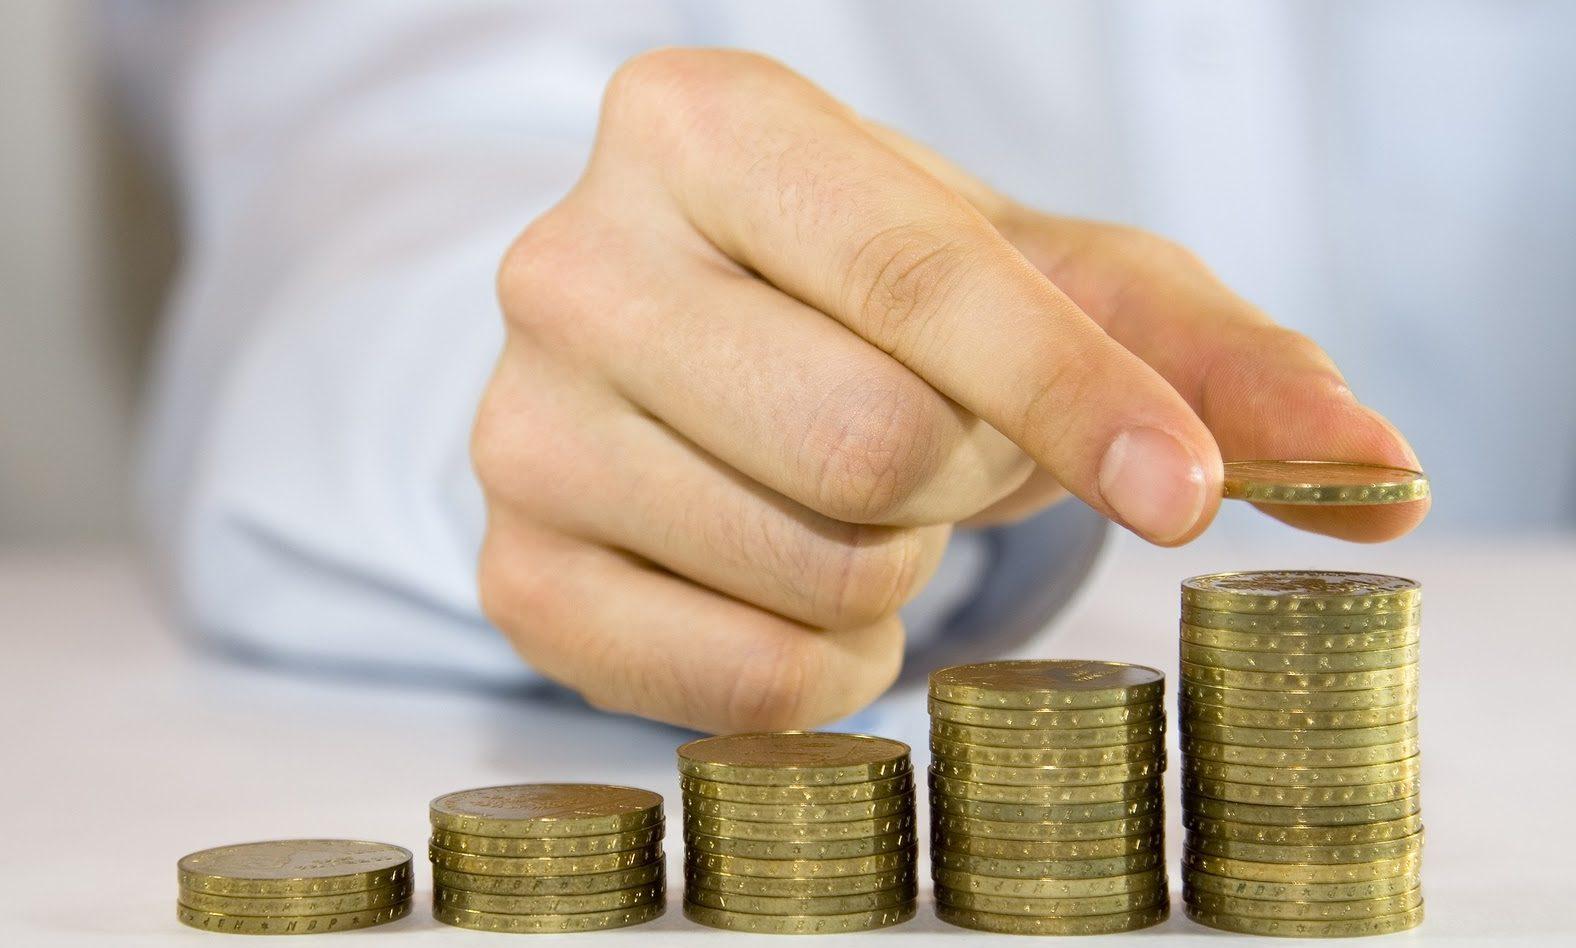 nehéz pénzt keresni)